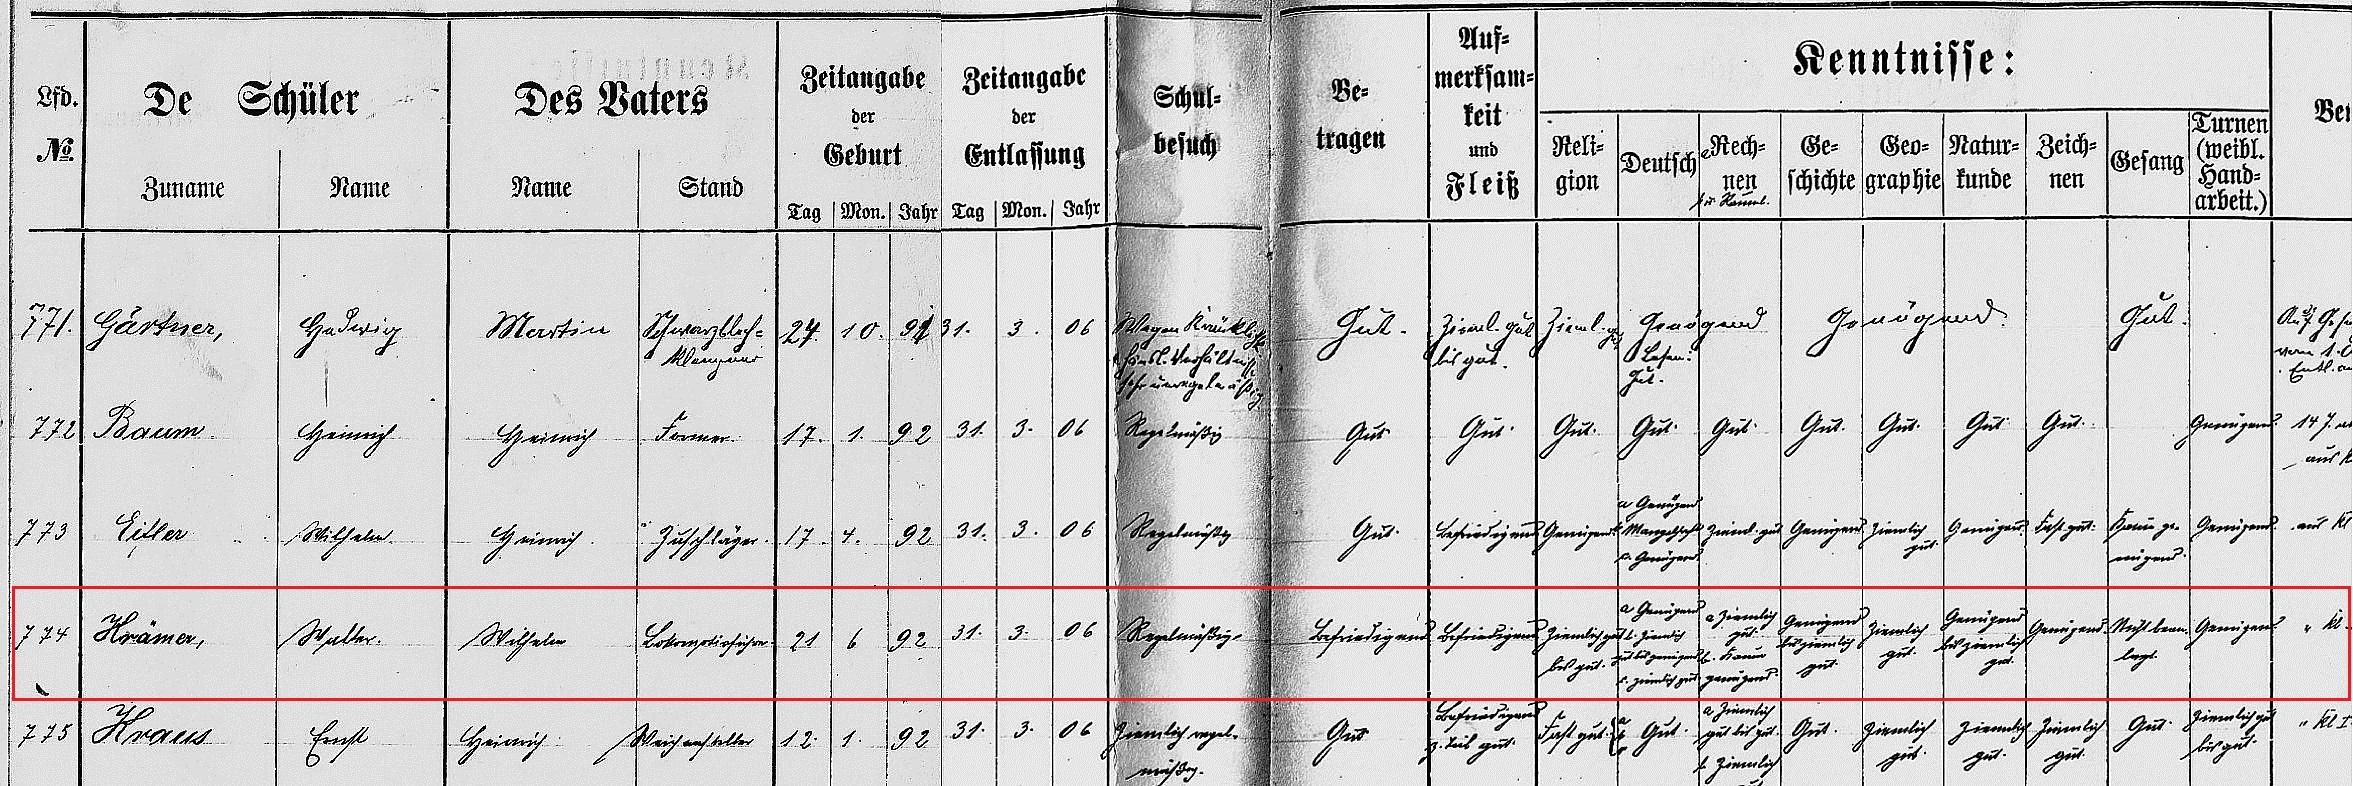 Quelle: Stadtarchiv Siegen Bestand Schulen Nr. 2590, Entlassungszeugnis=Buch für Hammerhütter Schule (ev.) zu Siegen 1888 - 1907 (Bearbeitung: Joe Mertens, VVN-BDA Siegerland-Wittgenstein)